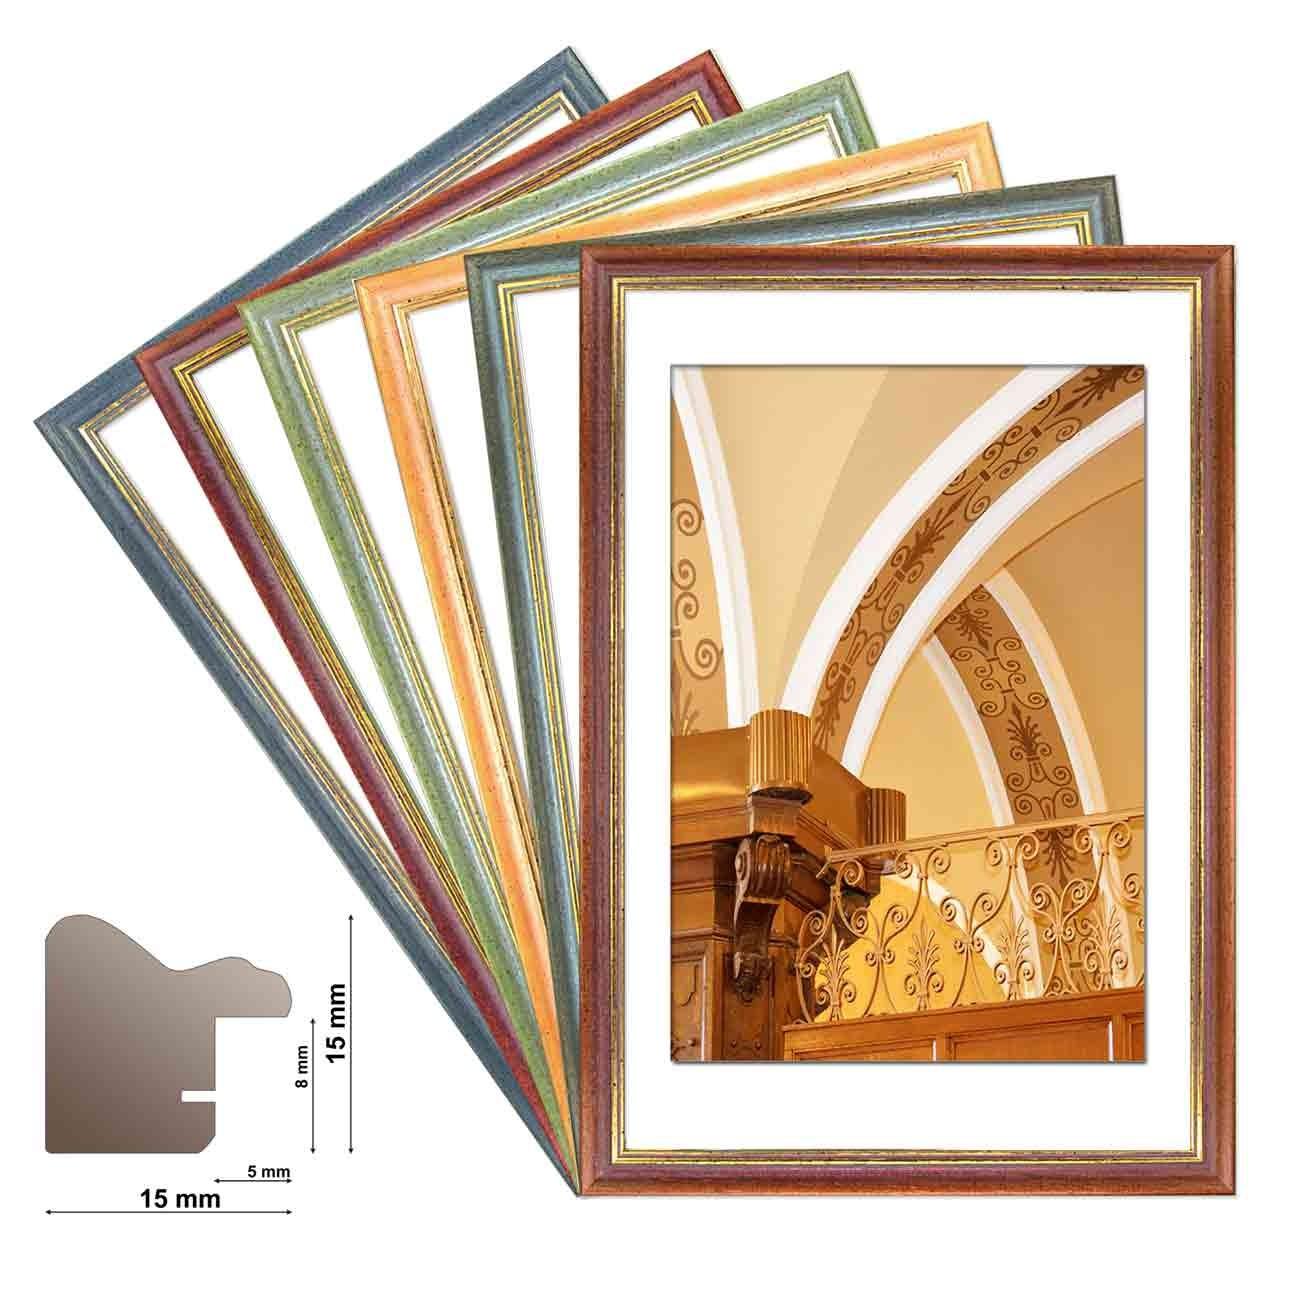 Holzrahmen LAFAYETTE Wechselrahmen in 6 Farben